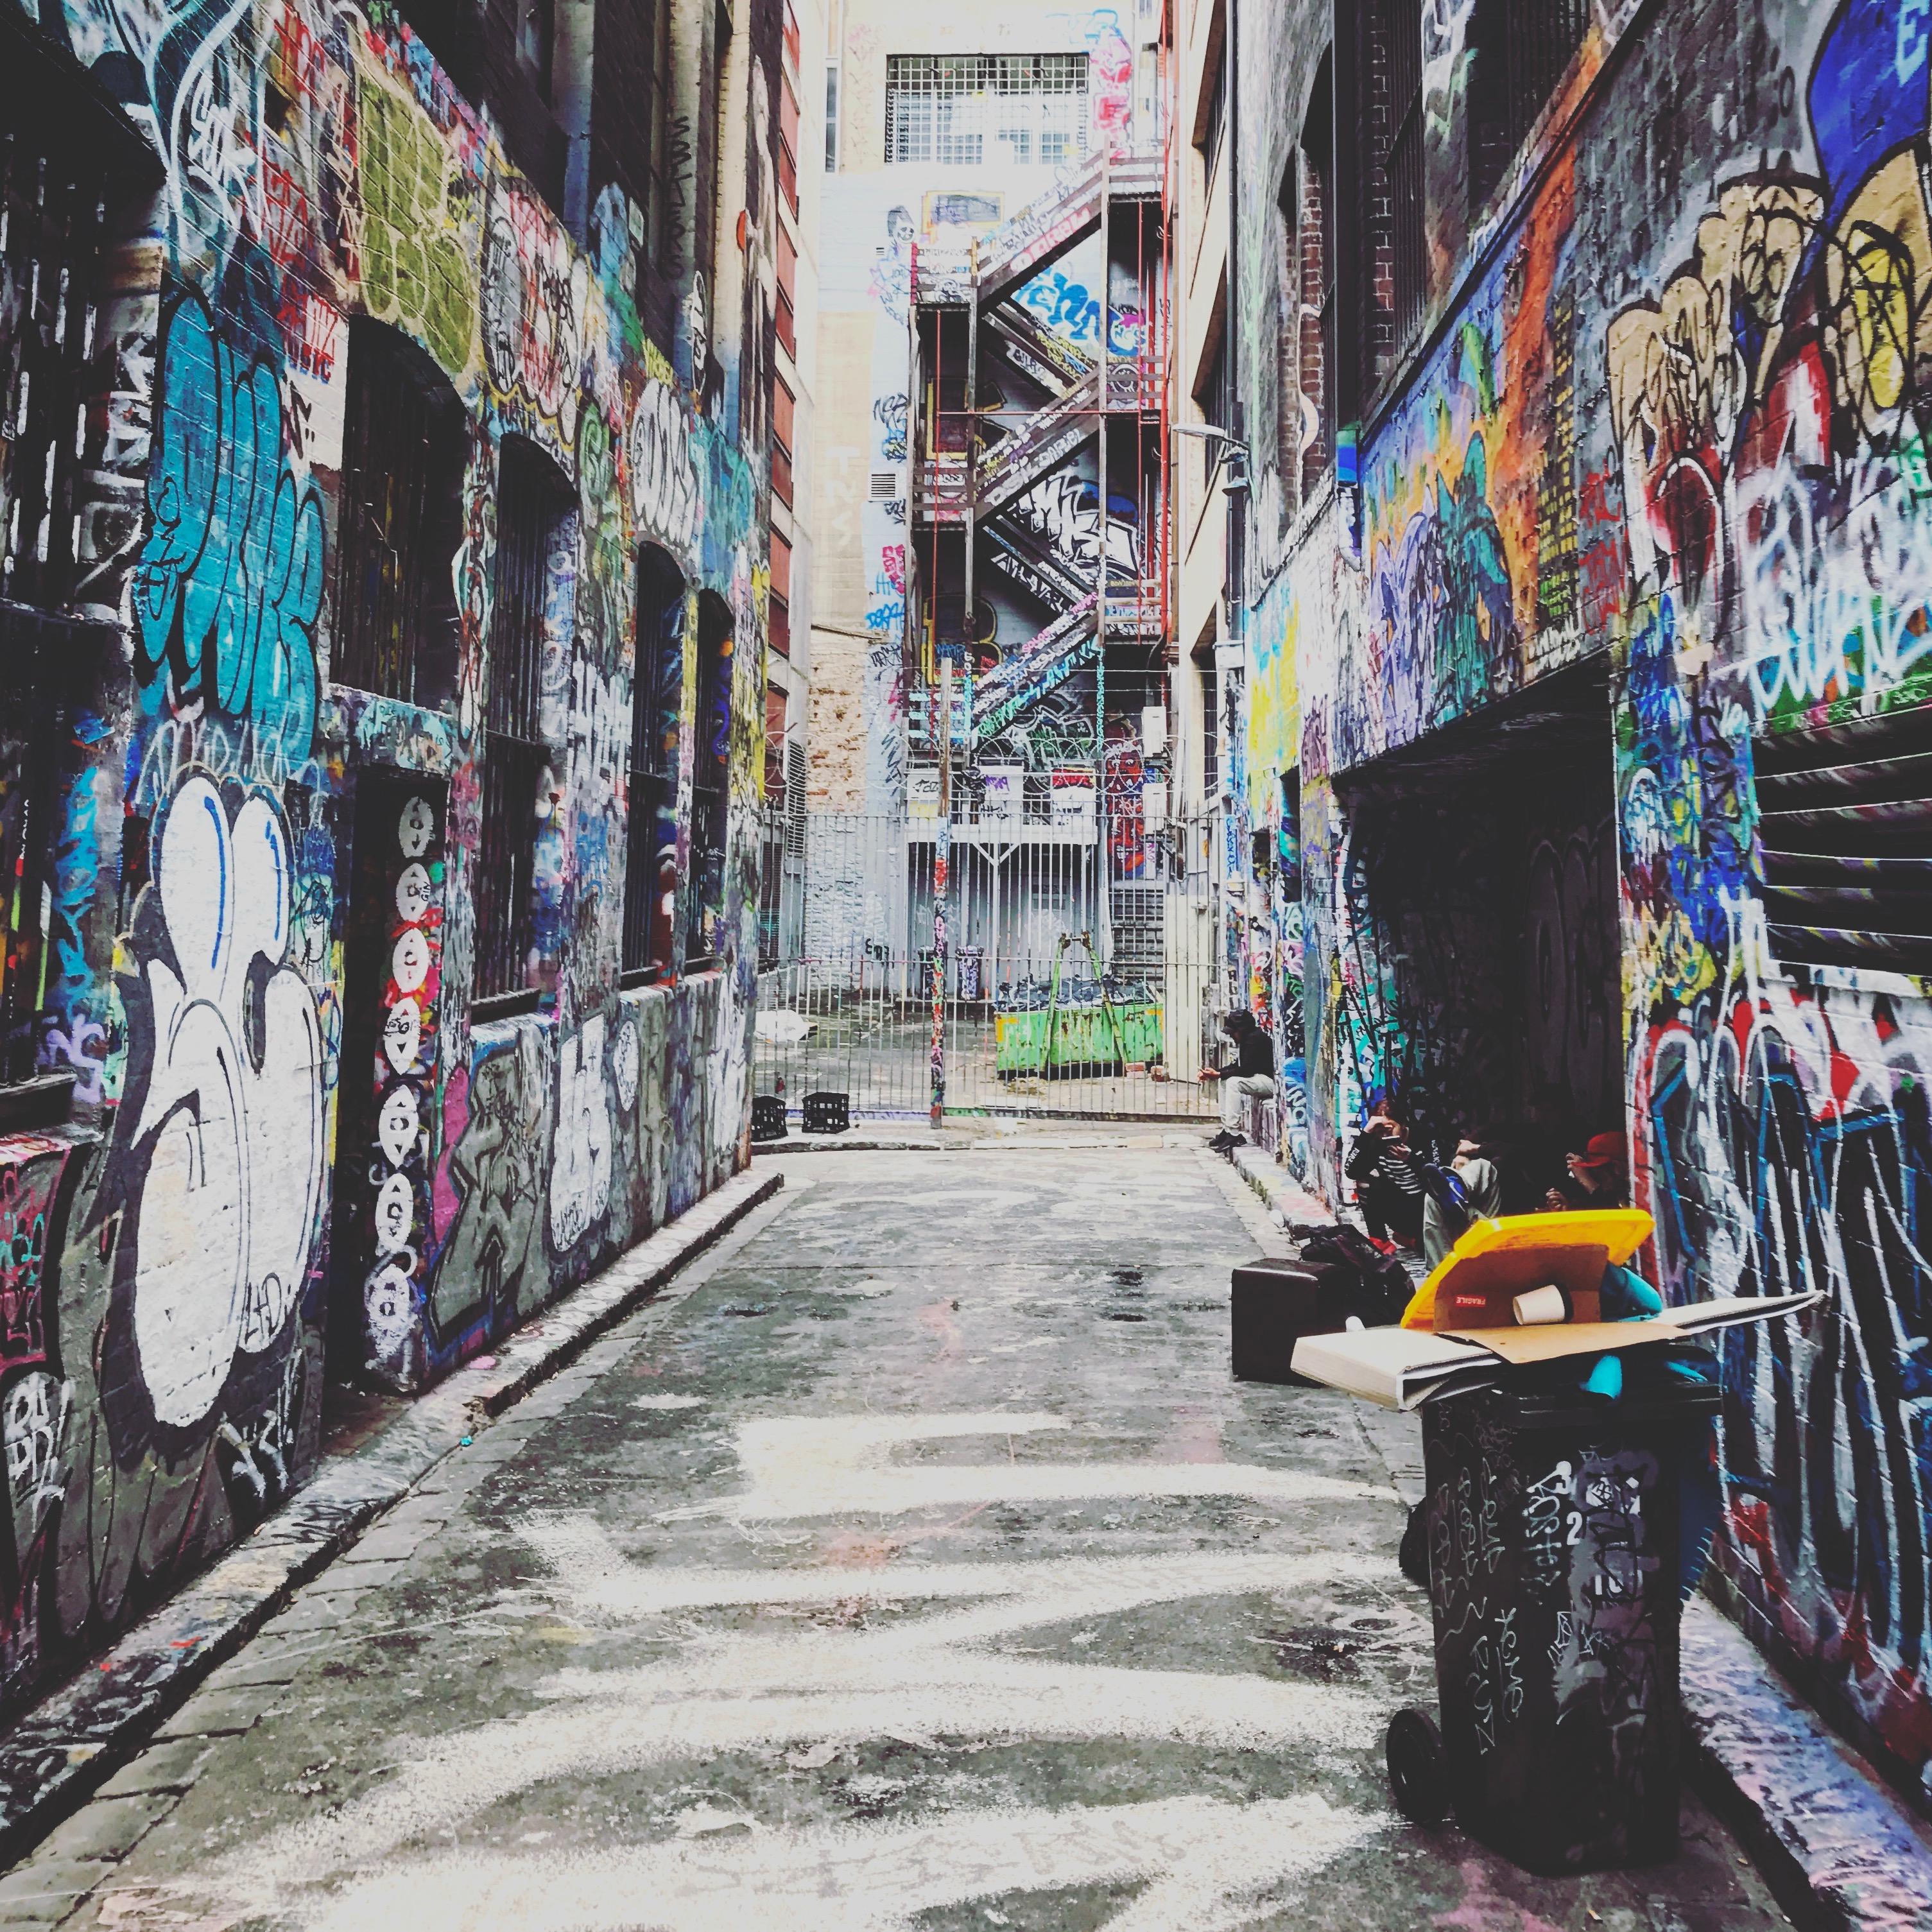 Melbourne Hosier Lane